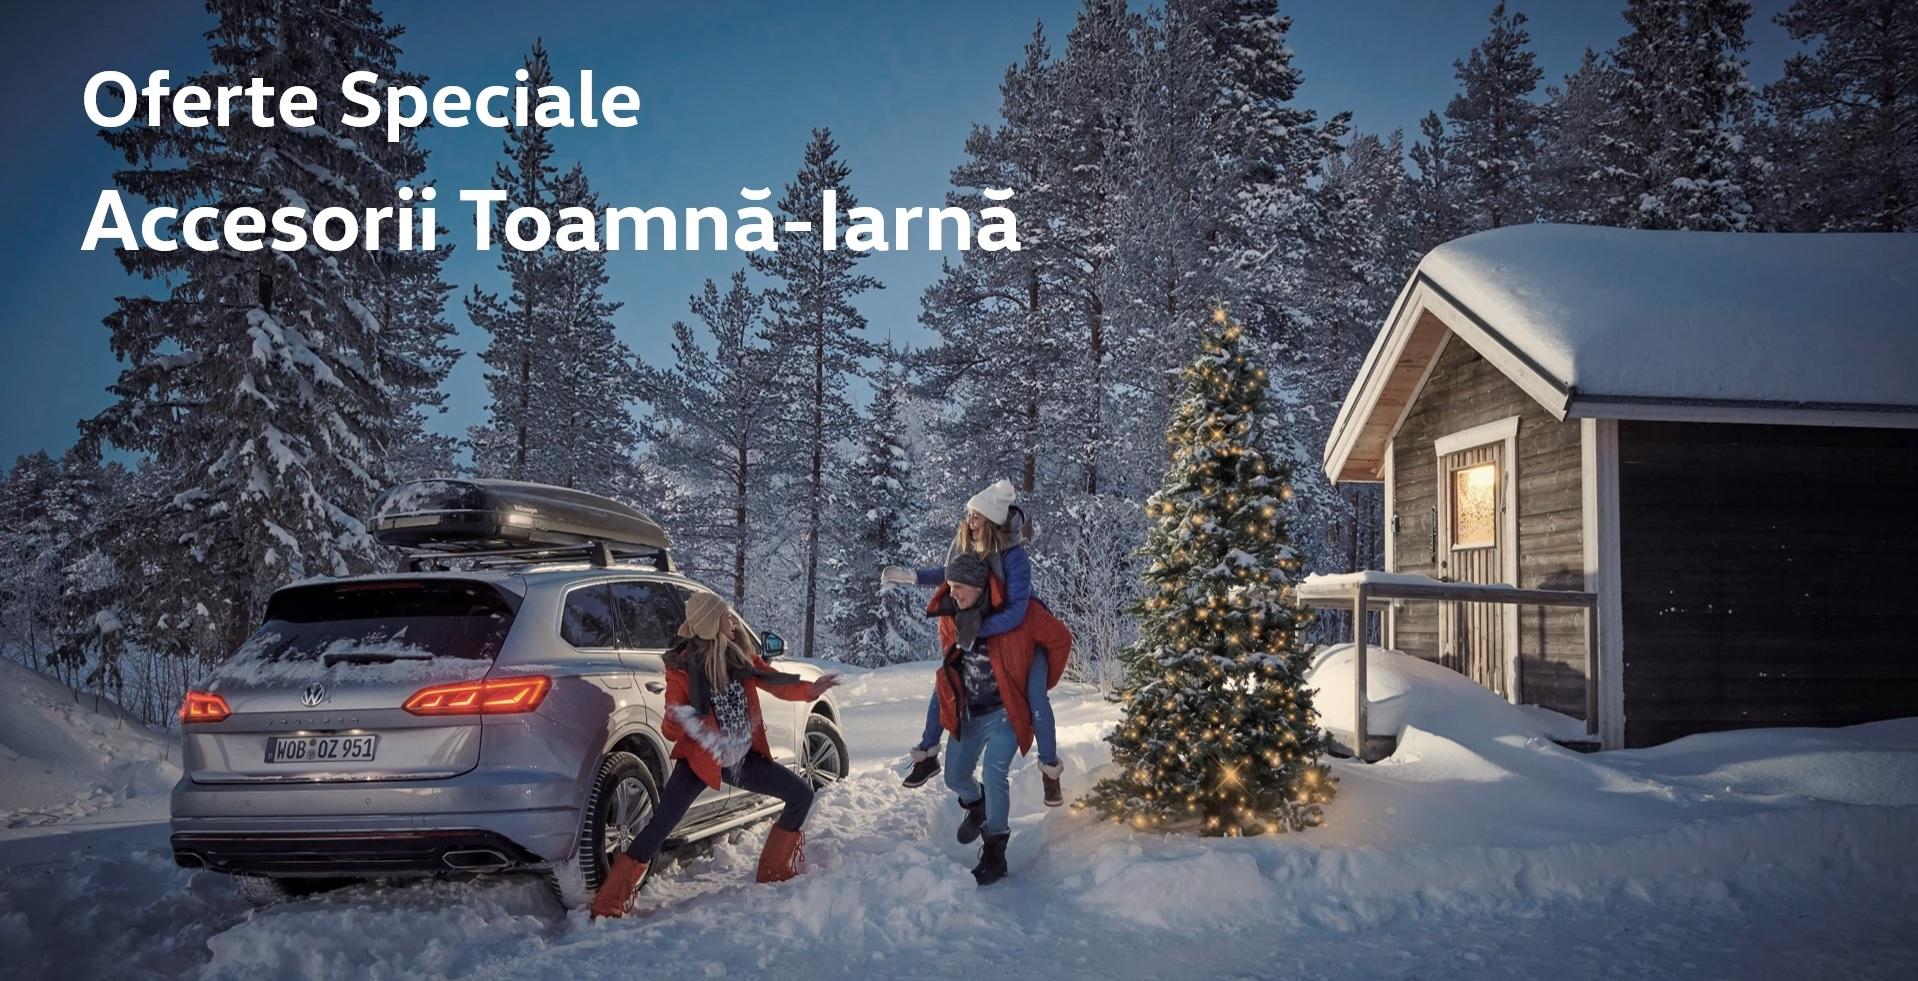 Accesorii de toamna-iarna Volkswagen